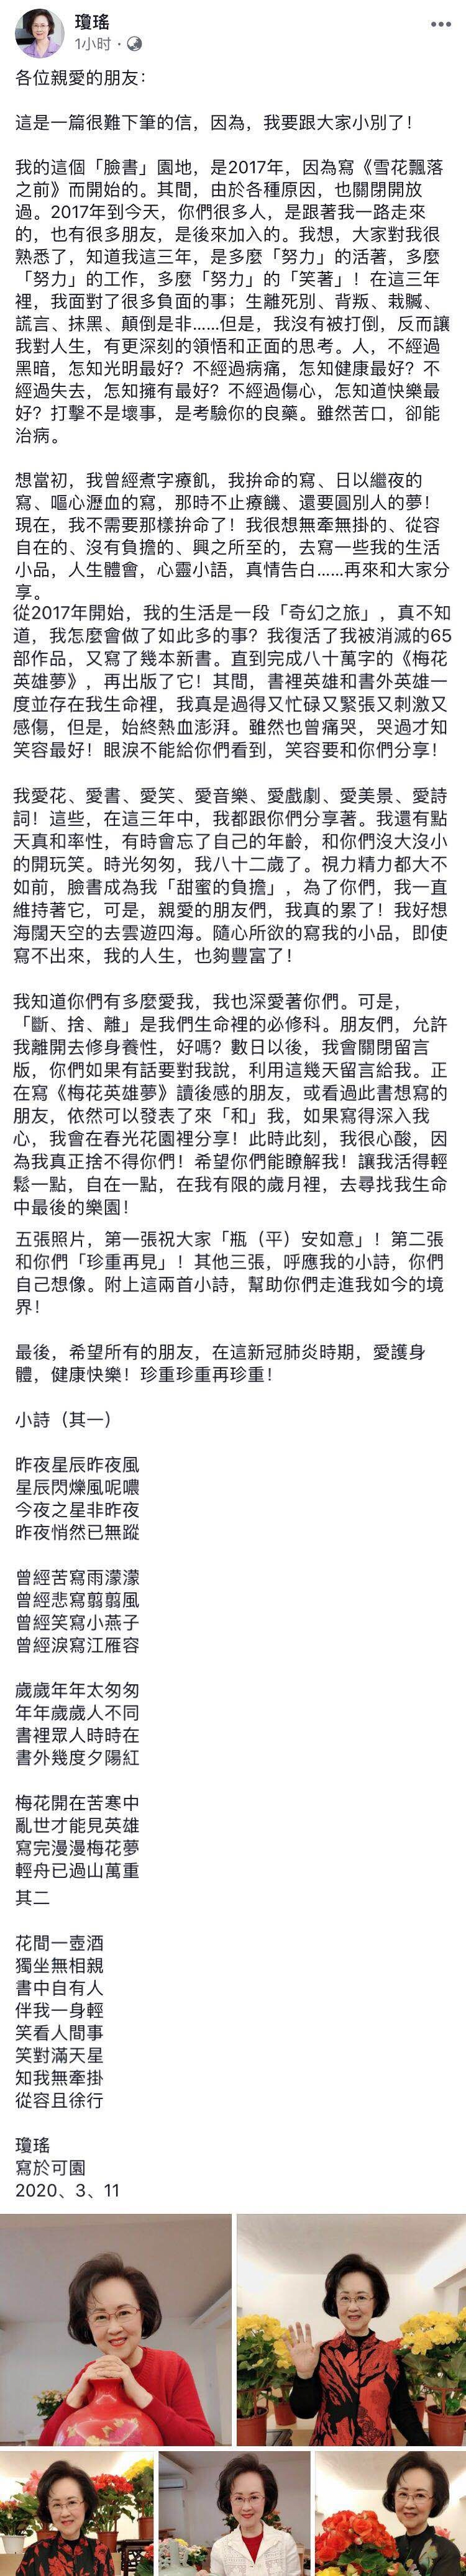 """82岁琼瑶精力有限,发文""""小别了"""" !"""